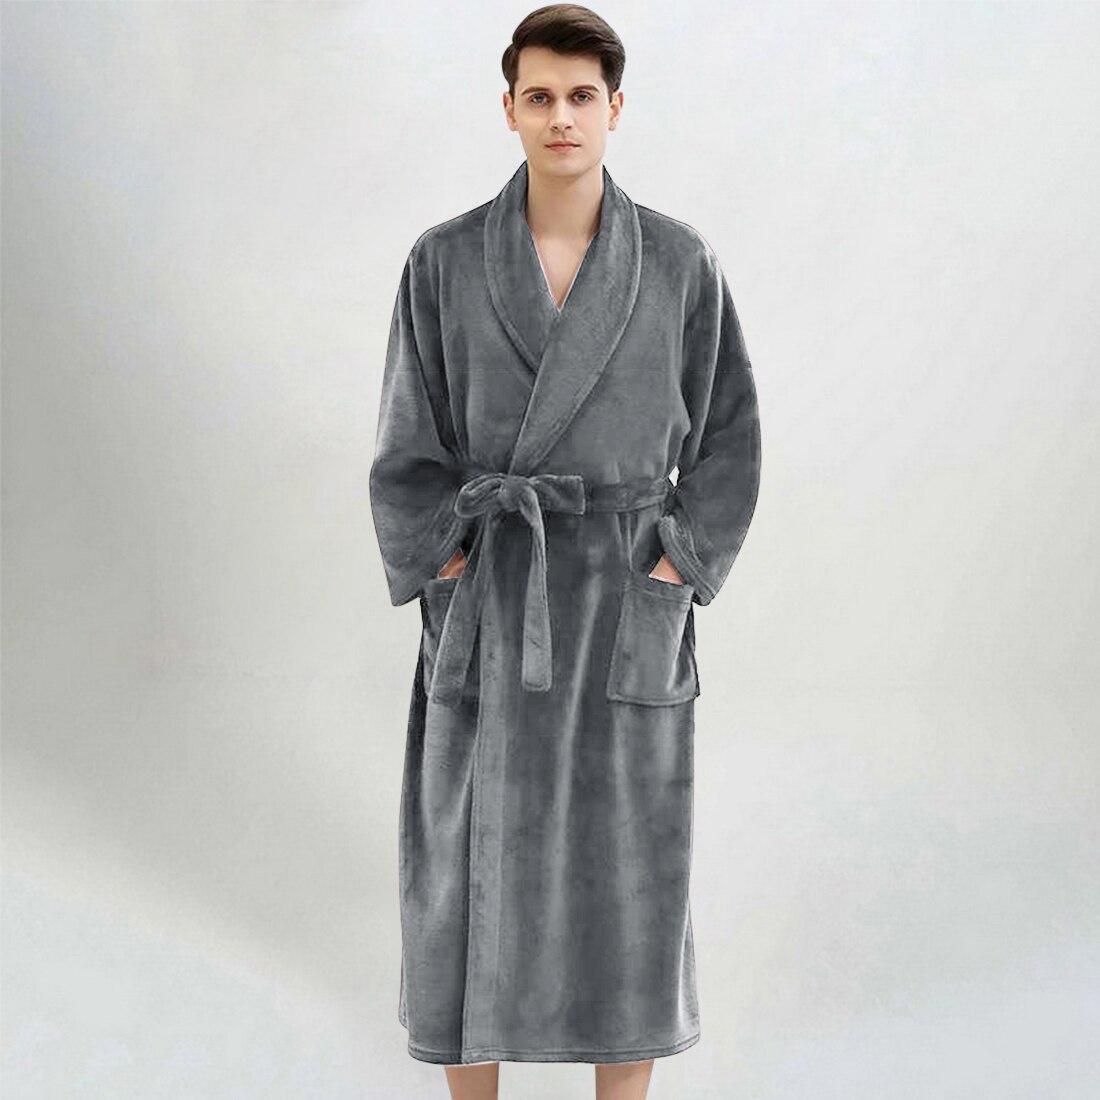 Халат-кимоно мужской зимний длинный, с капюшоном, 2021